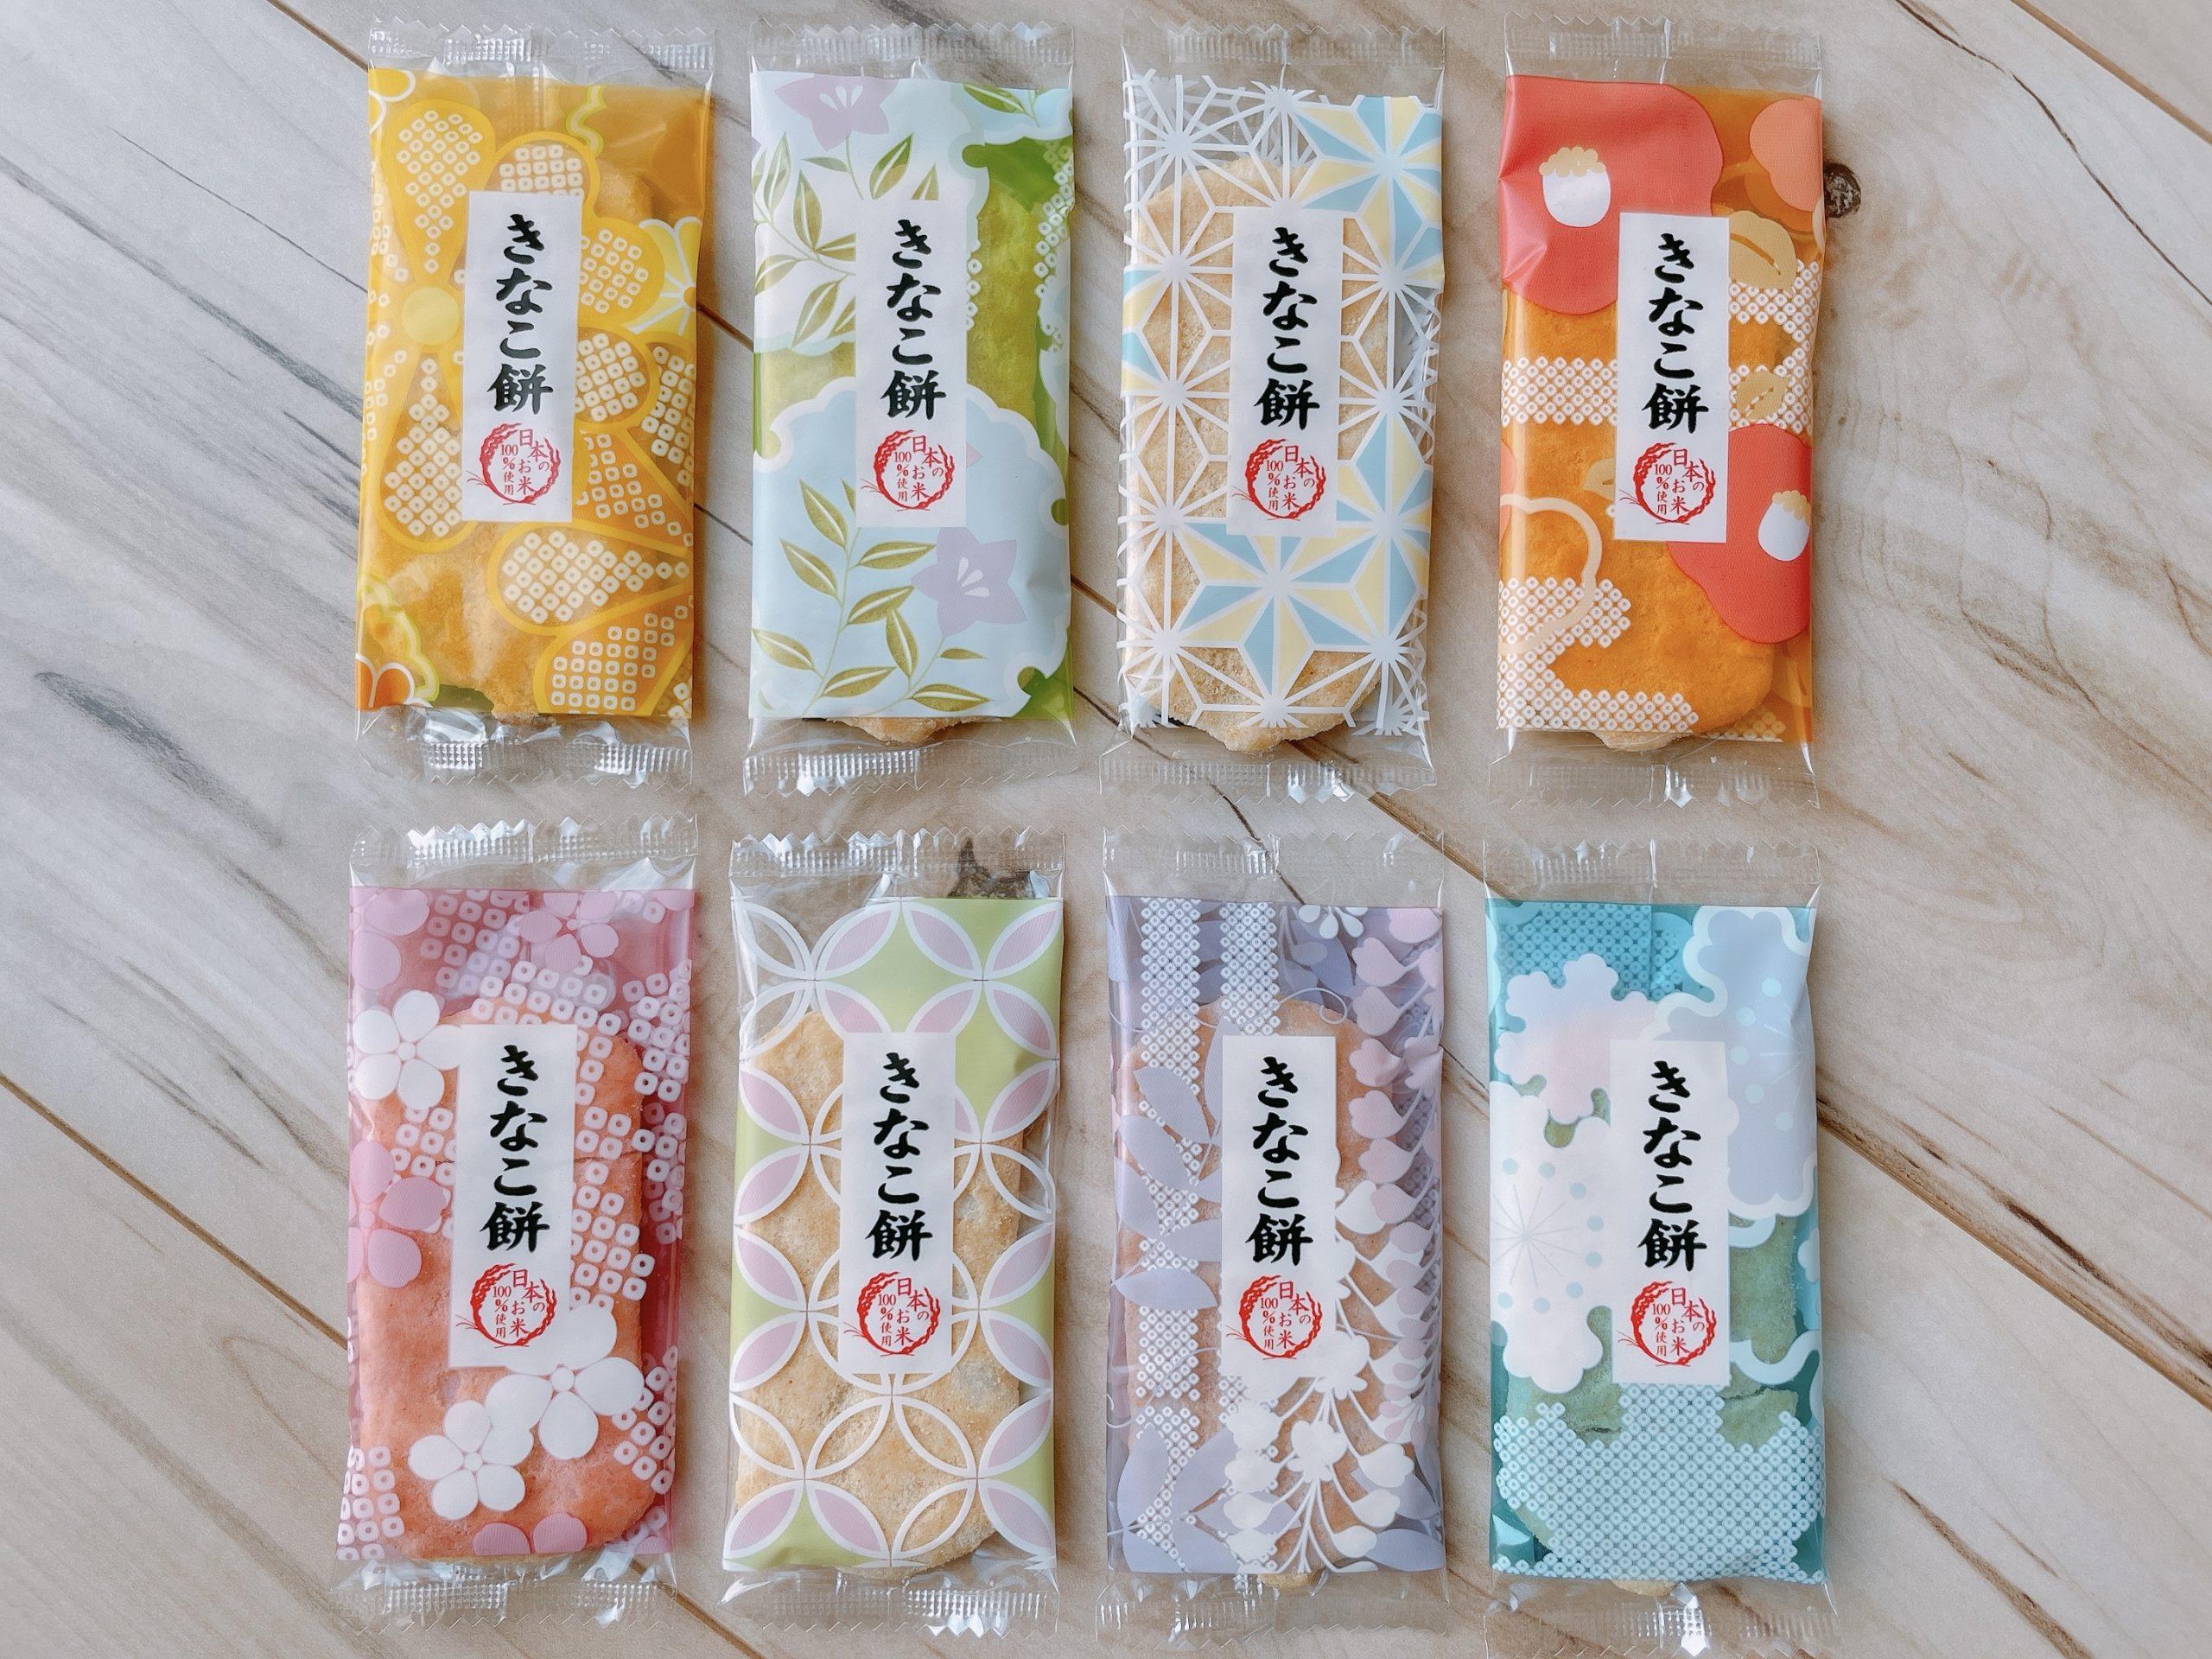 岩塚製菓のきなこ餅の小袋は8種類